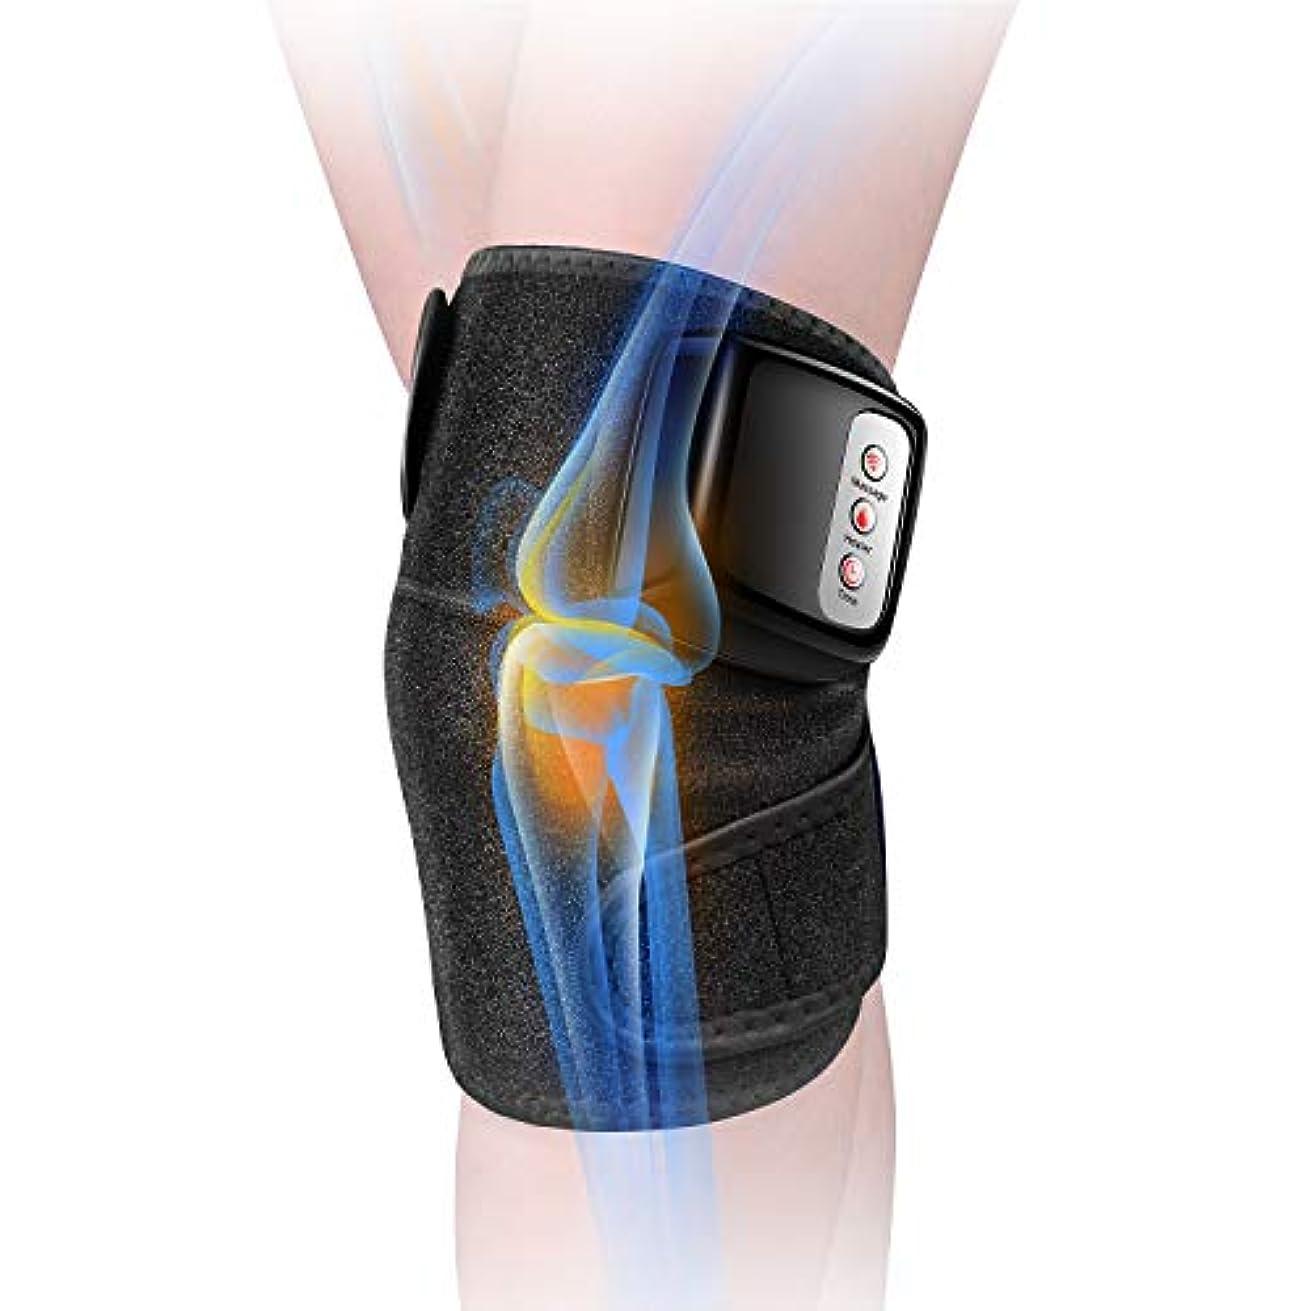 故障価値論争の的膝マッサージャー 関節マッサージャー マッサージ器 フットマッサージャー 振動 赤外線療法 温熱療法 膝サポーター ストレス解消 肩 太もも/腕対応